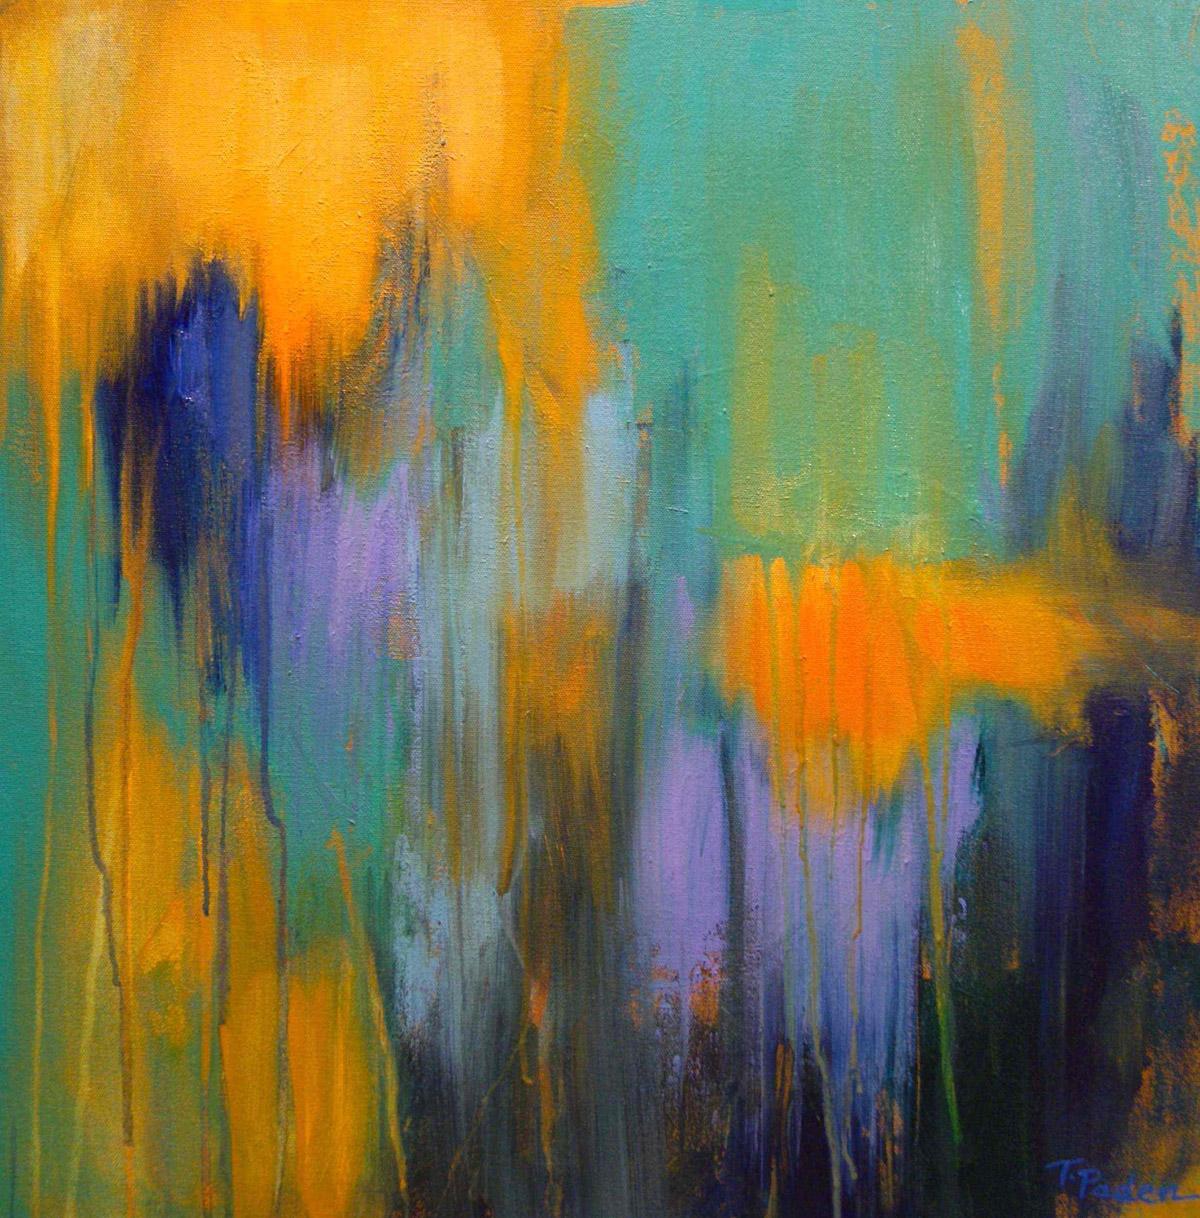 Artists: Arte!: Theresa Paden, Abstract Art (3